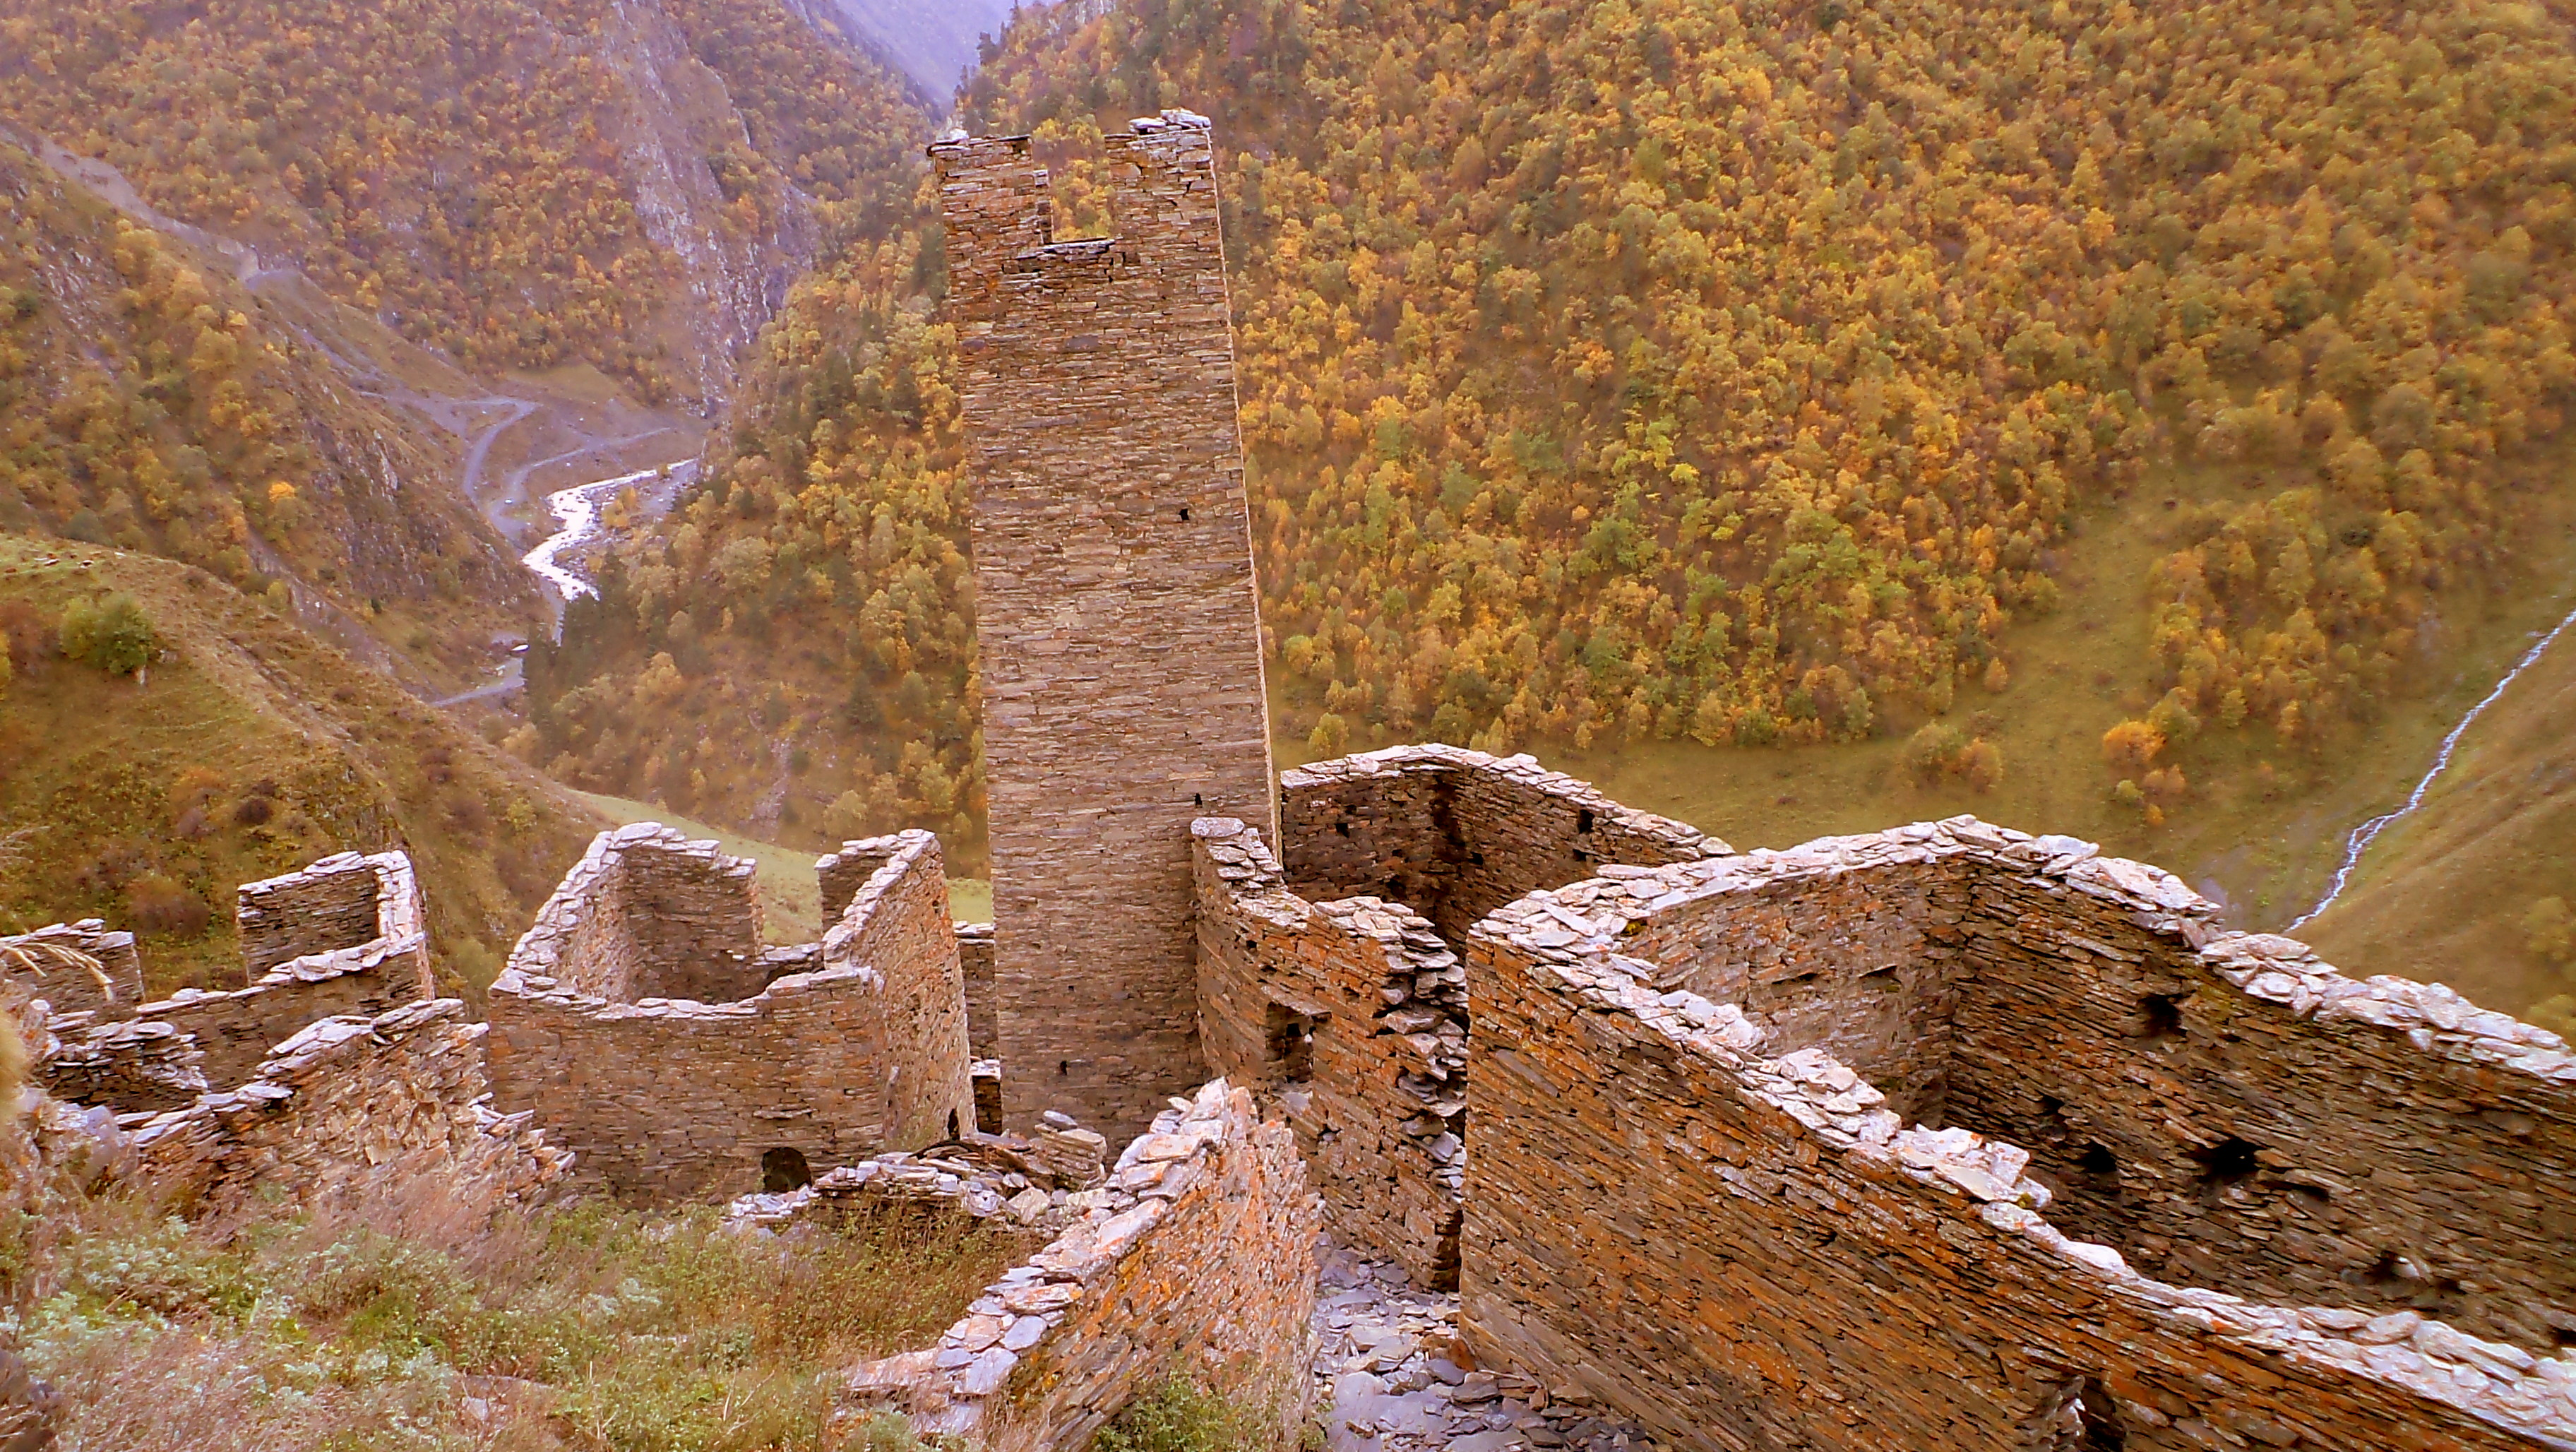 Gruzja poza szlakiem, czyli opowieść o Chewsuretii (część I)